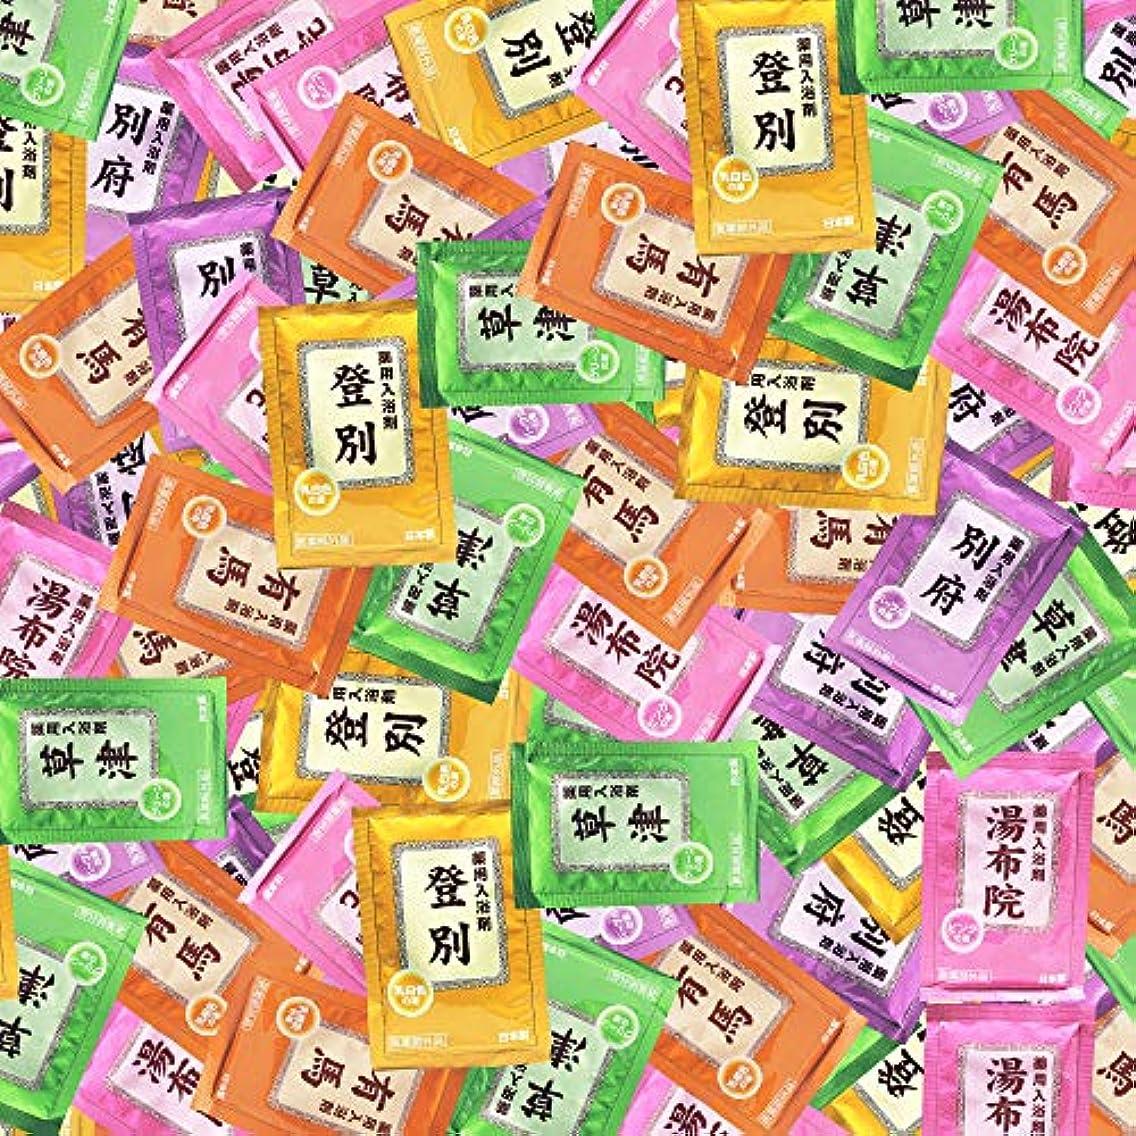 学期言う活性化する入浴剤 ギフト プレゼント 湯宿めぐり 5種類 (200袋)セット